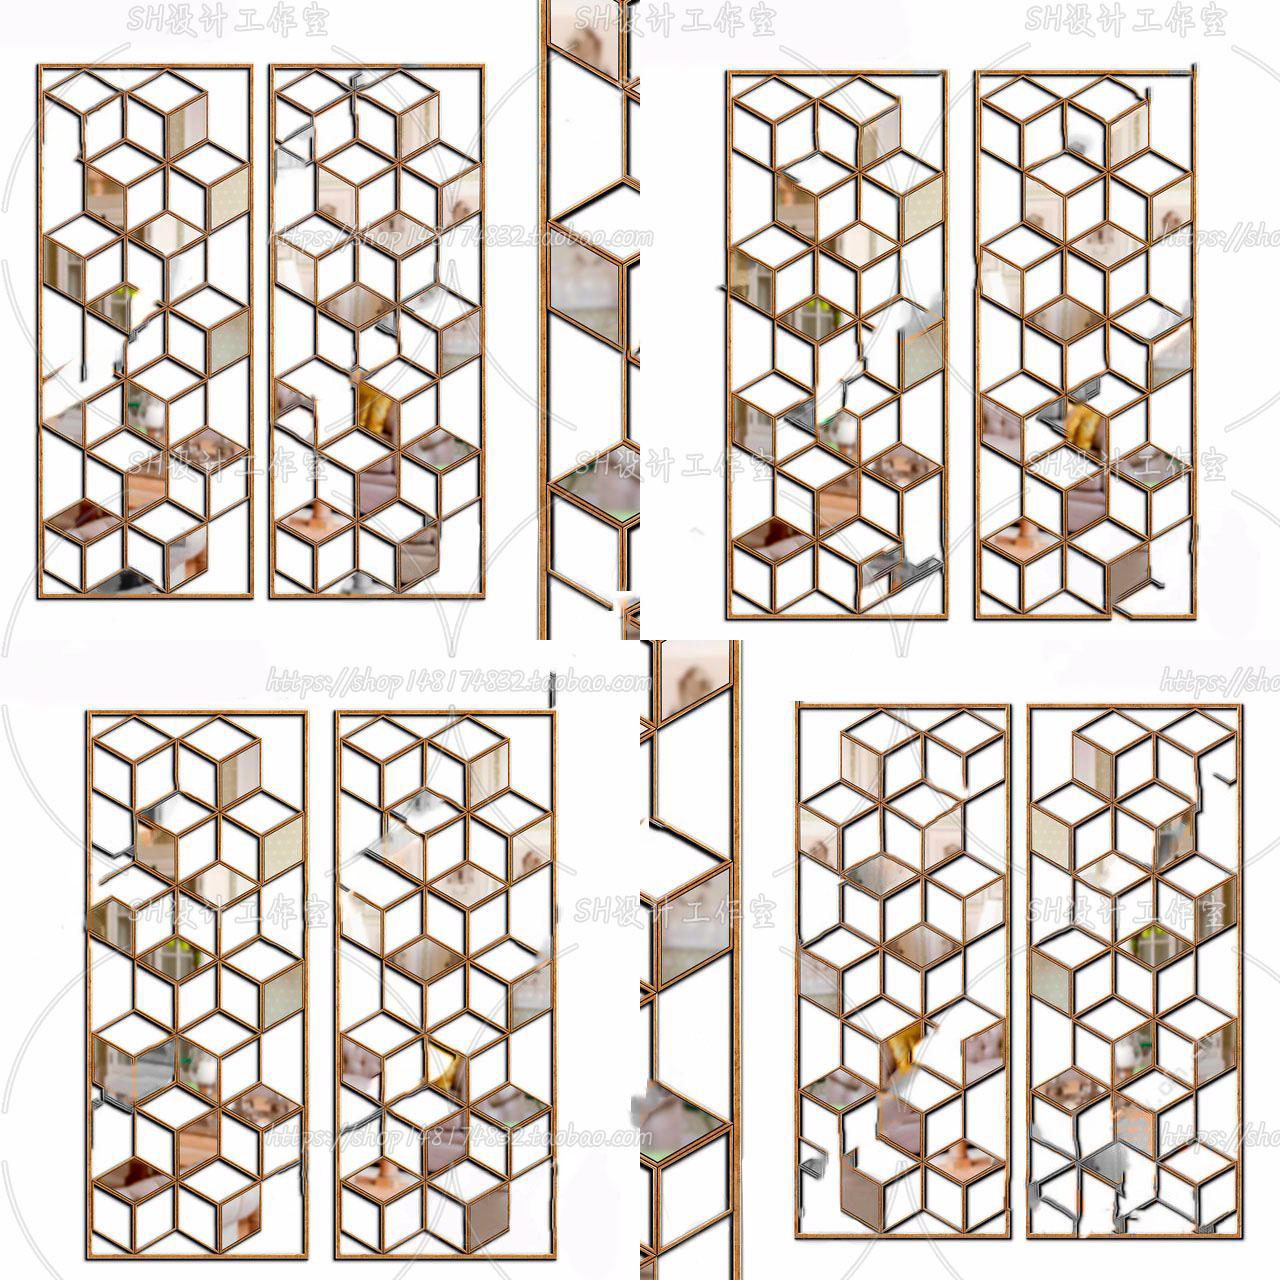 3DSKY FREE – CNC PANELS – VOL.4 – No.040